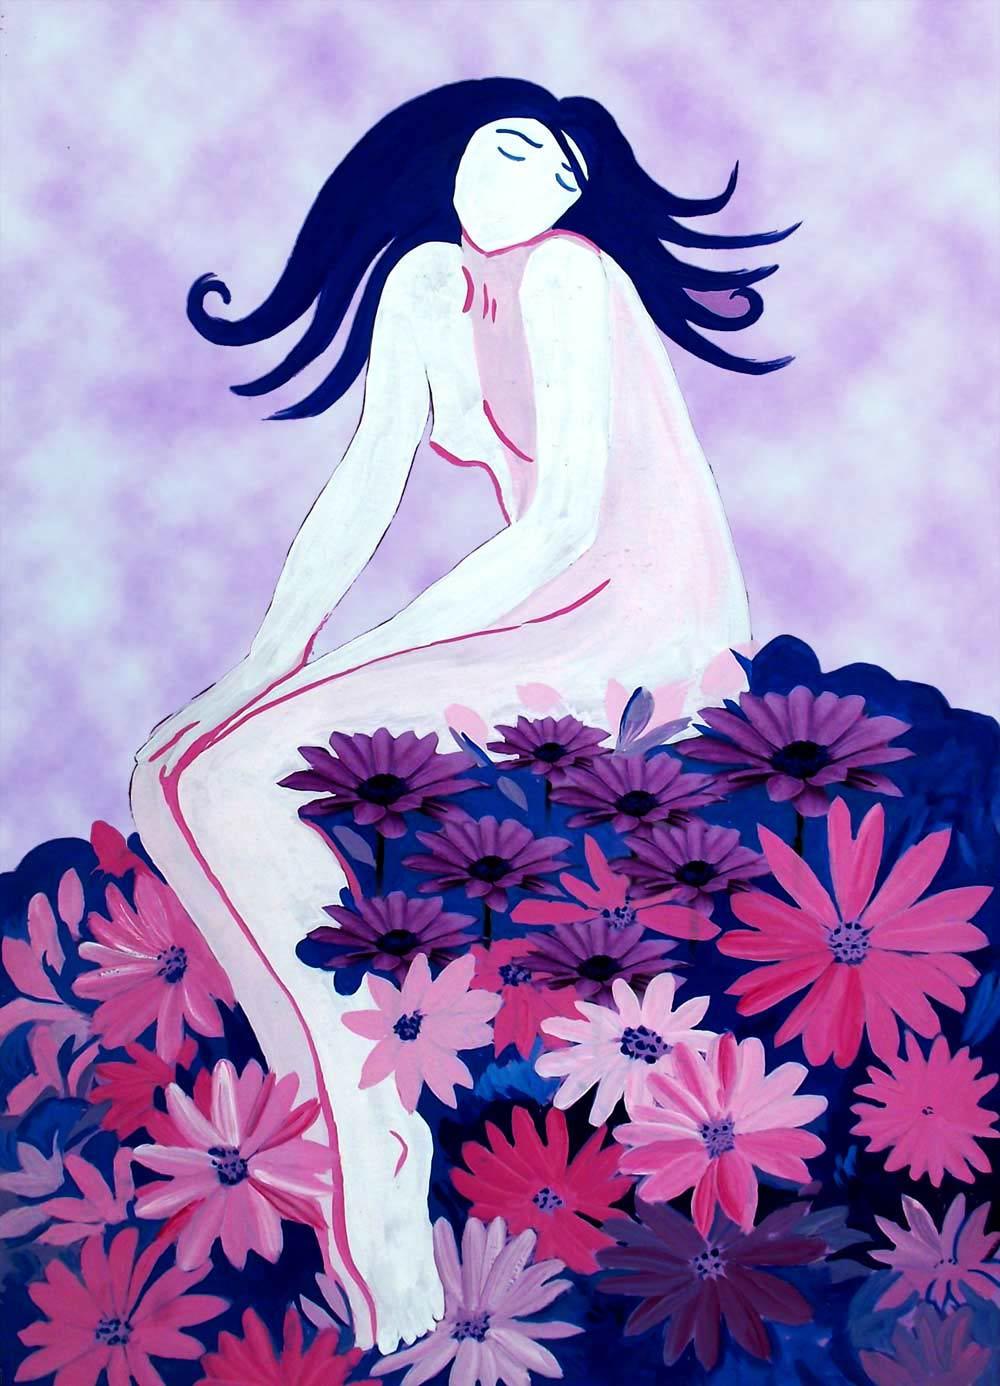 Ilustración gratis - Chica sentada sobre unas flores margaritas